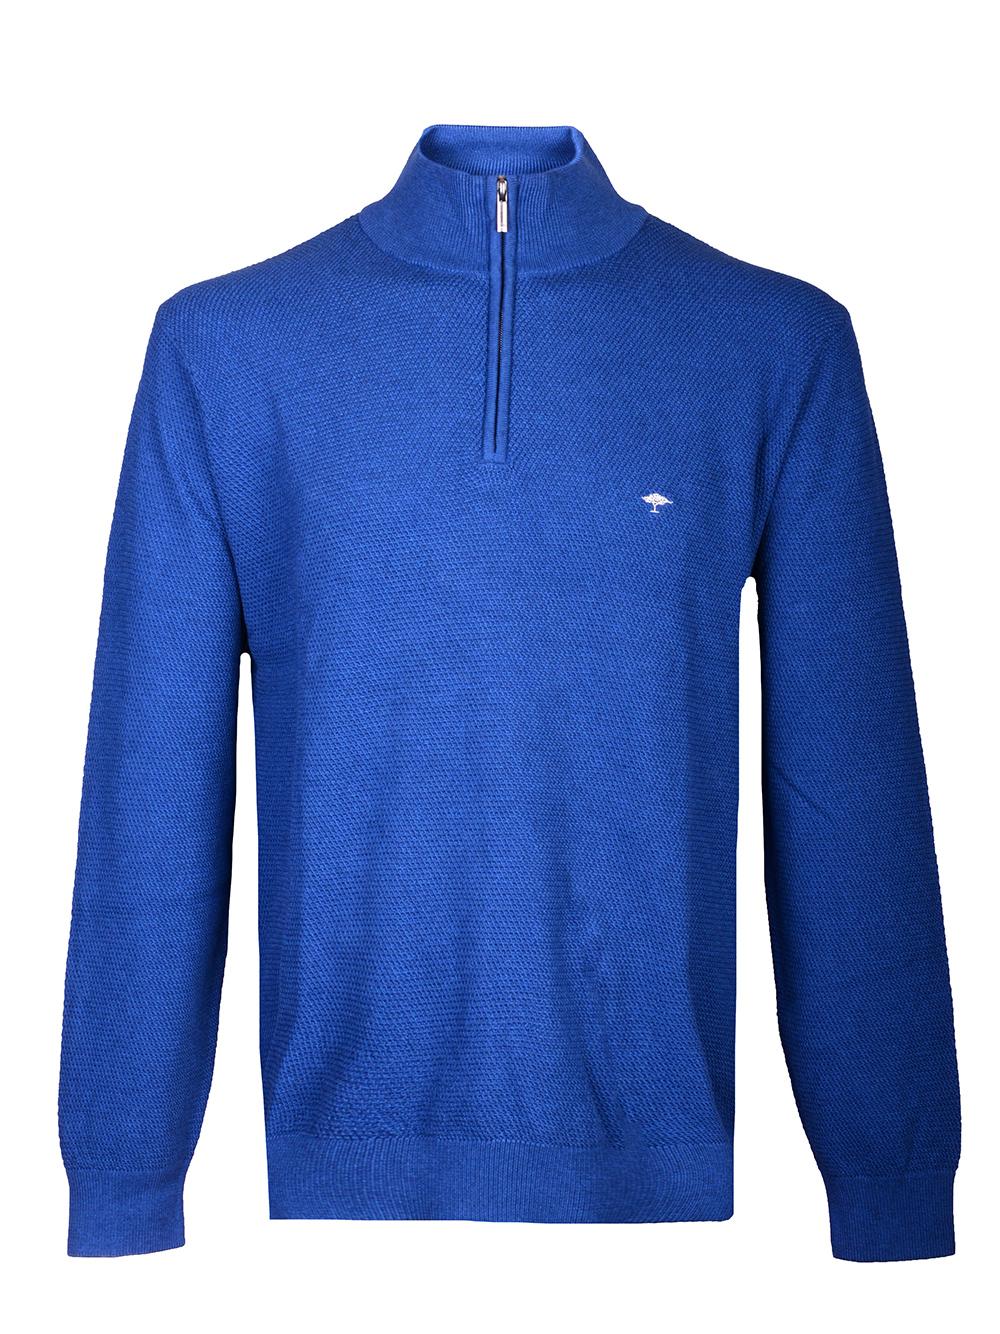 FYNCH-HATTON Μπλούζα zip-neck 1219 206-655 ΡΑΦ